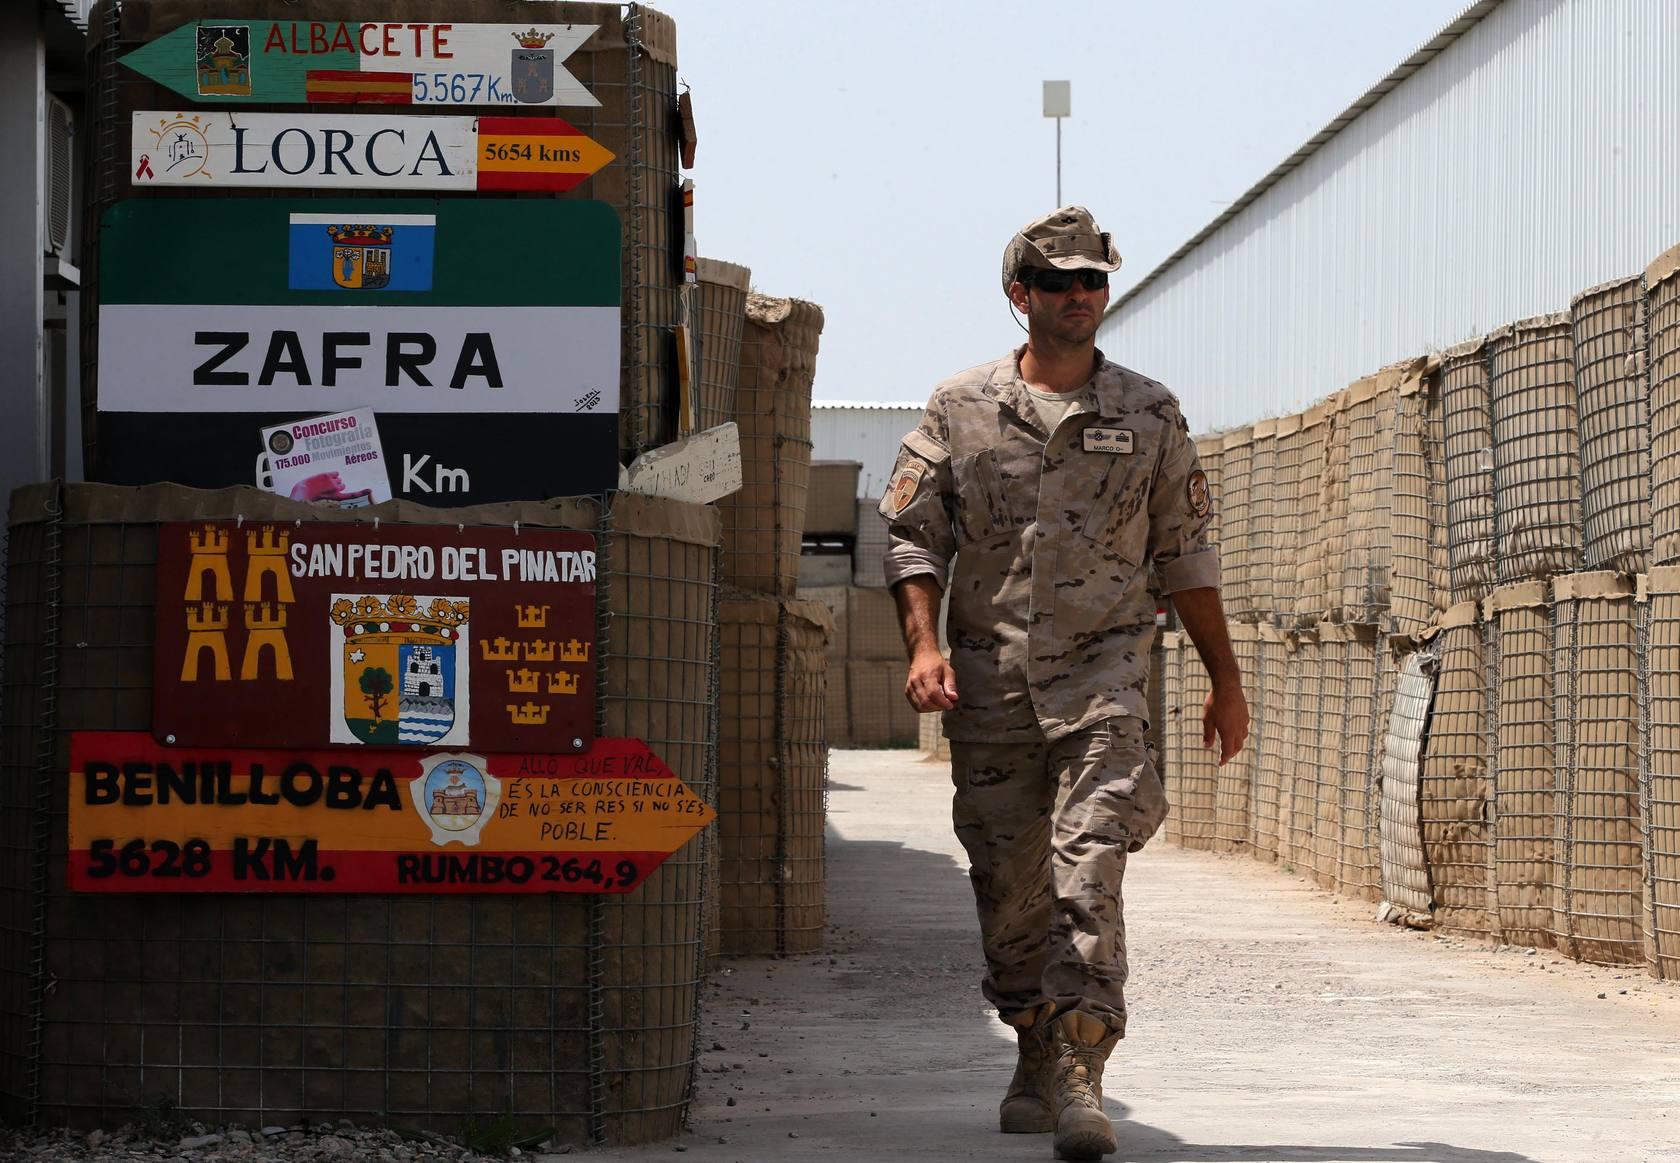 El día a día de los militares españoles en Afganistán